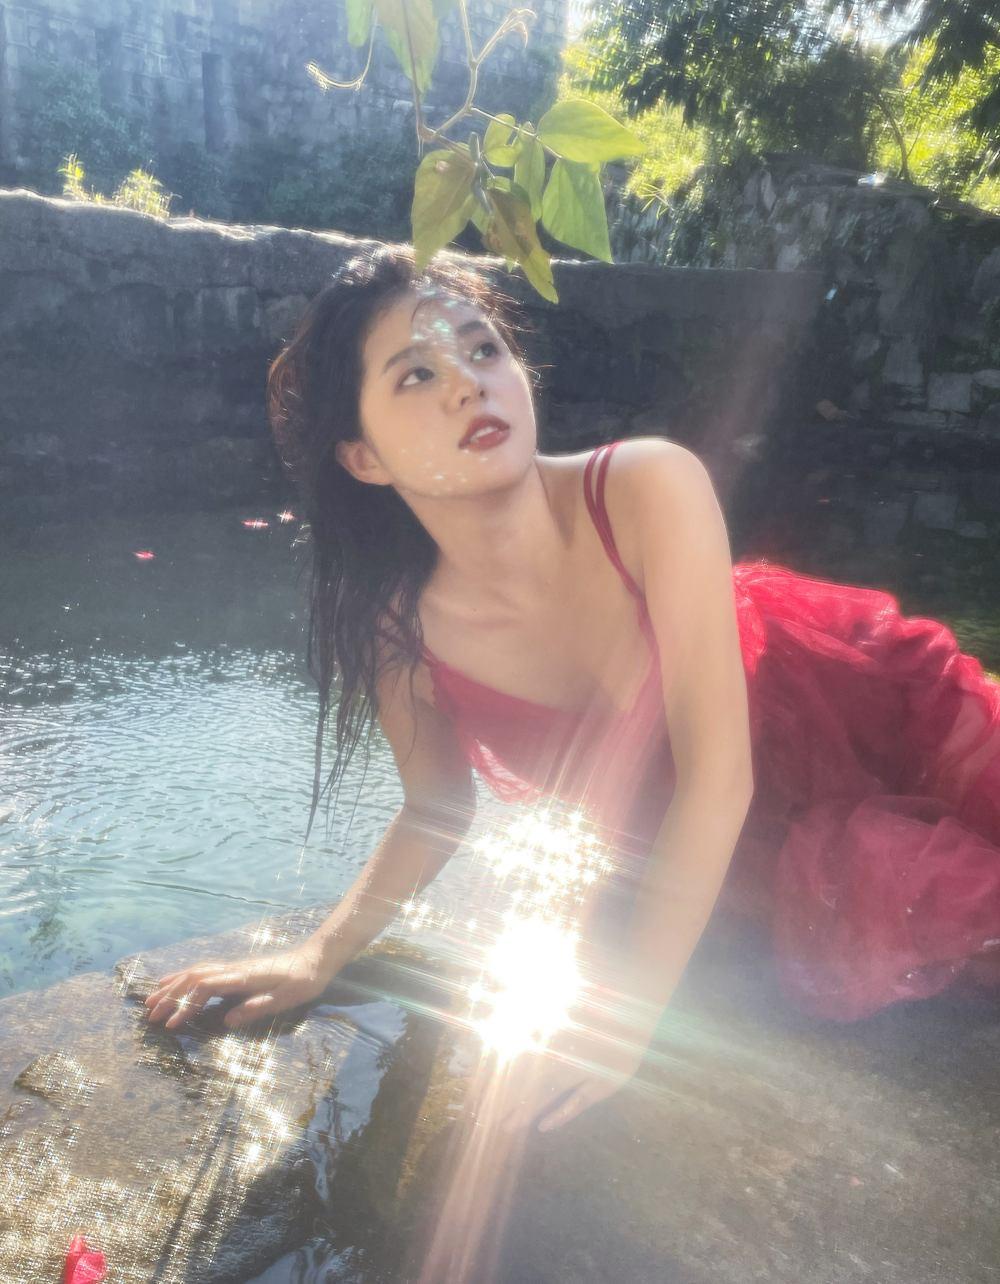 """Chuẩn đẹp mới của phụ nữ Trung Quốc khiến dân mạng """"phát cuồng"""", khen nức nở - ảnh 6"""